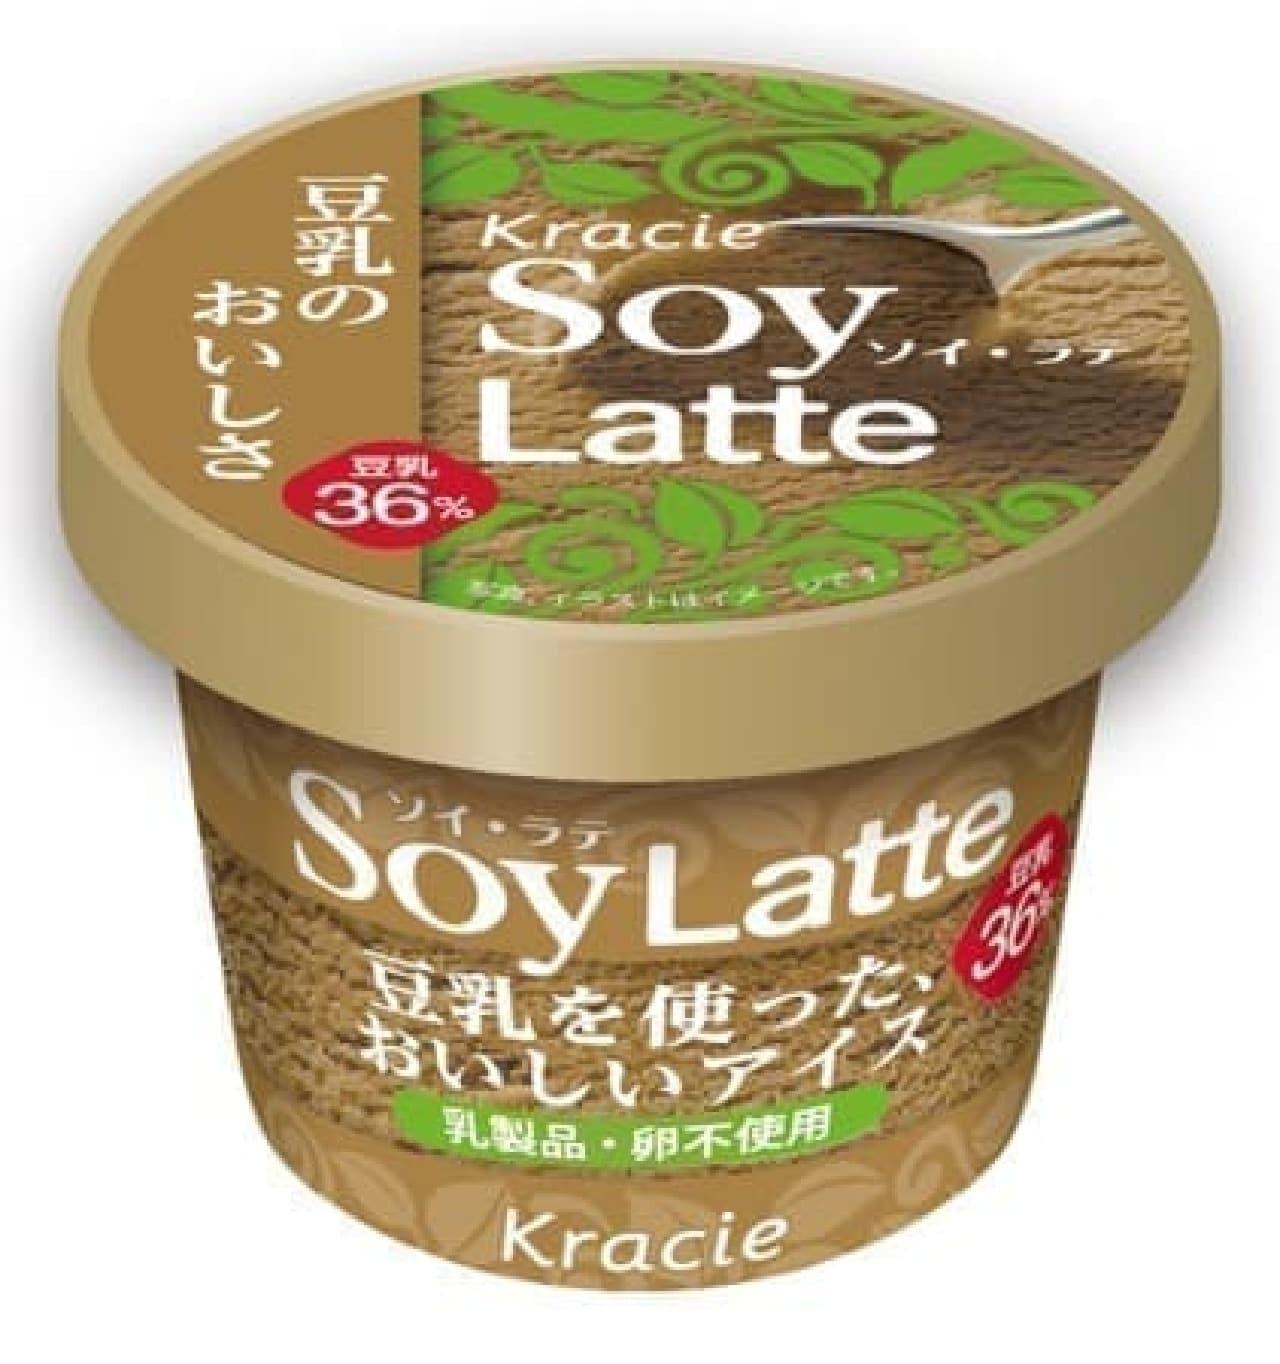 豆乳アイスレイトウファ、ソイラテ